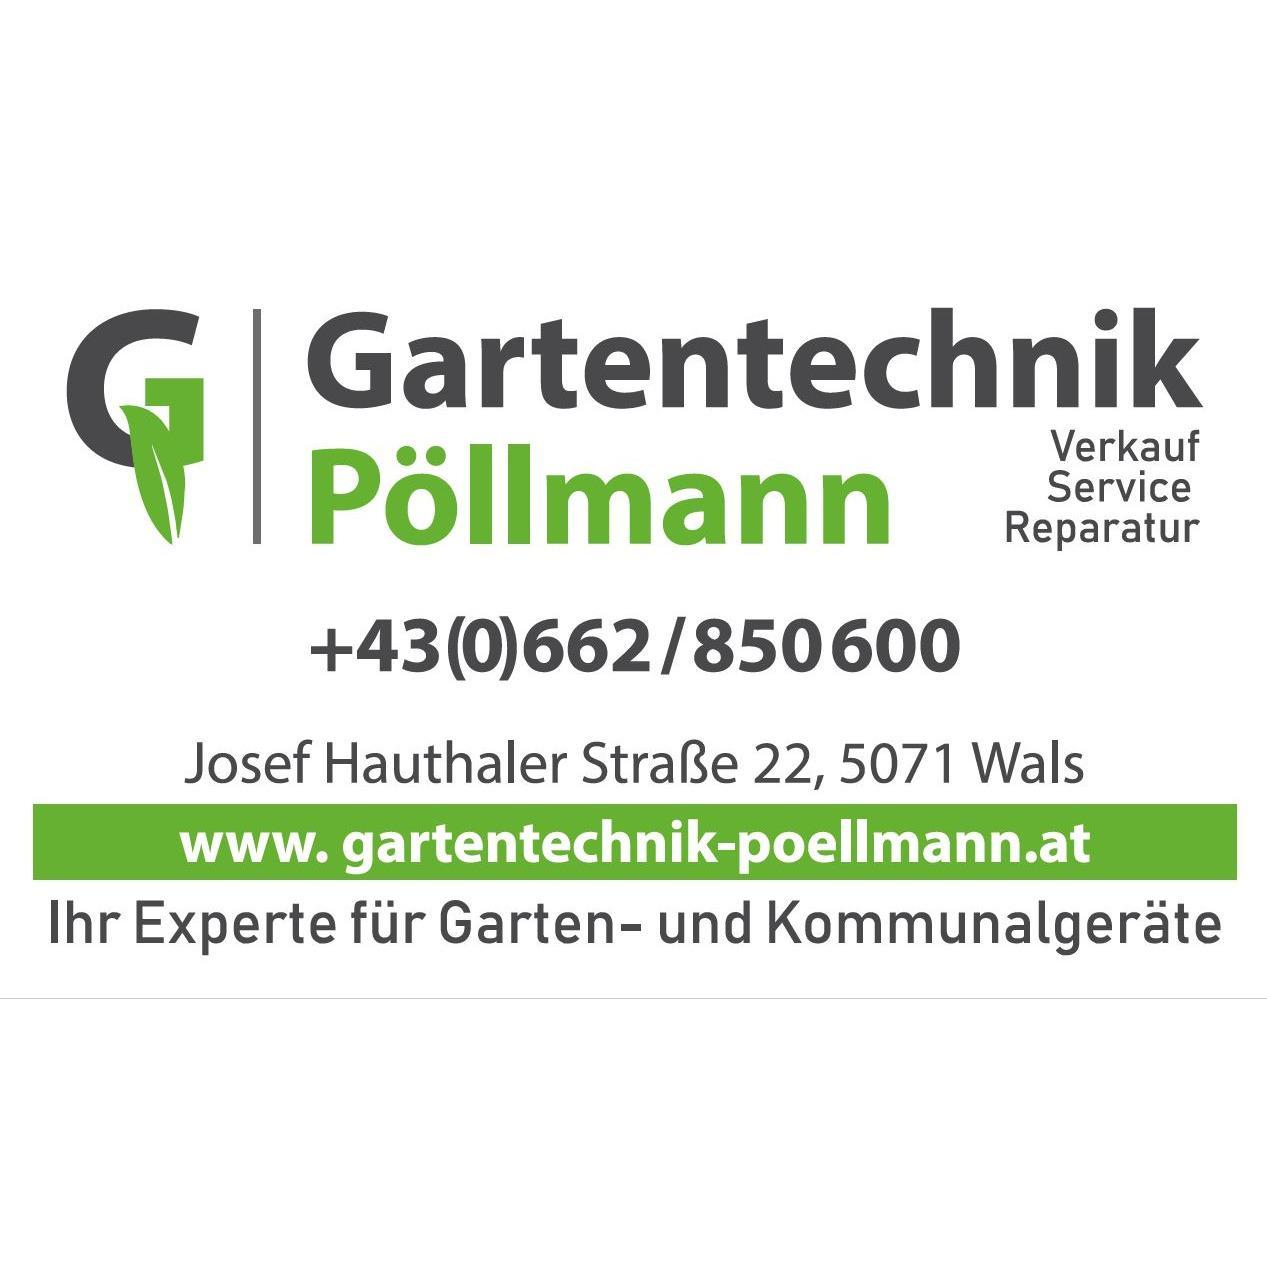 Gartentechnik Pöllmann GmbH